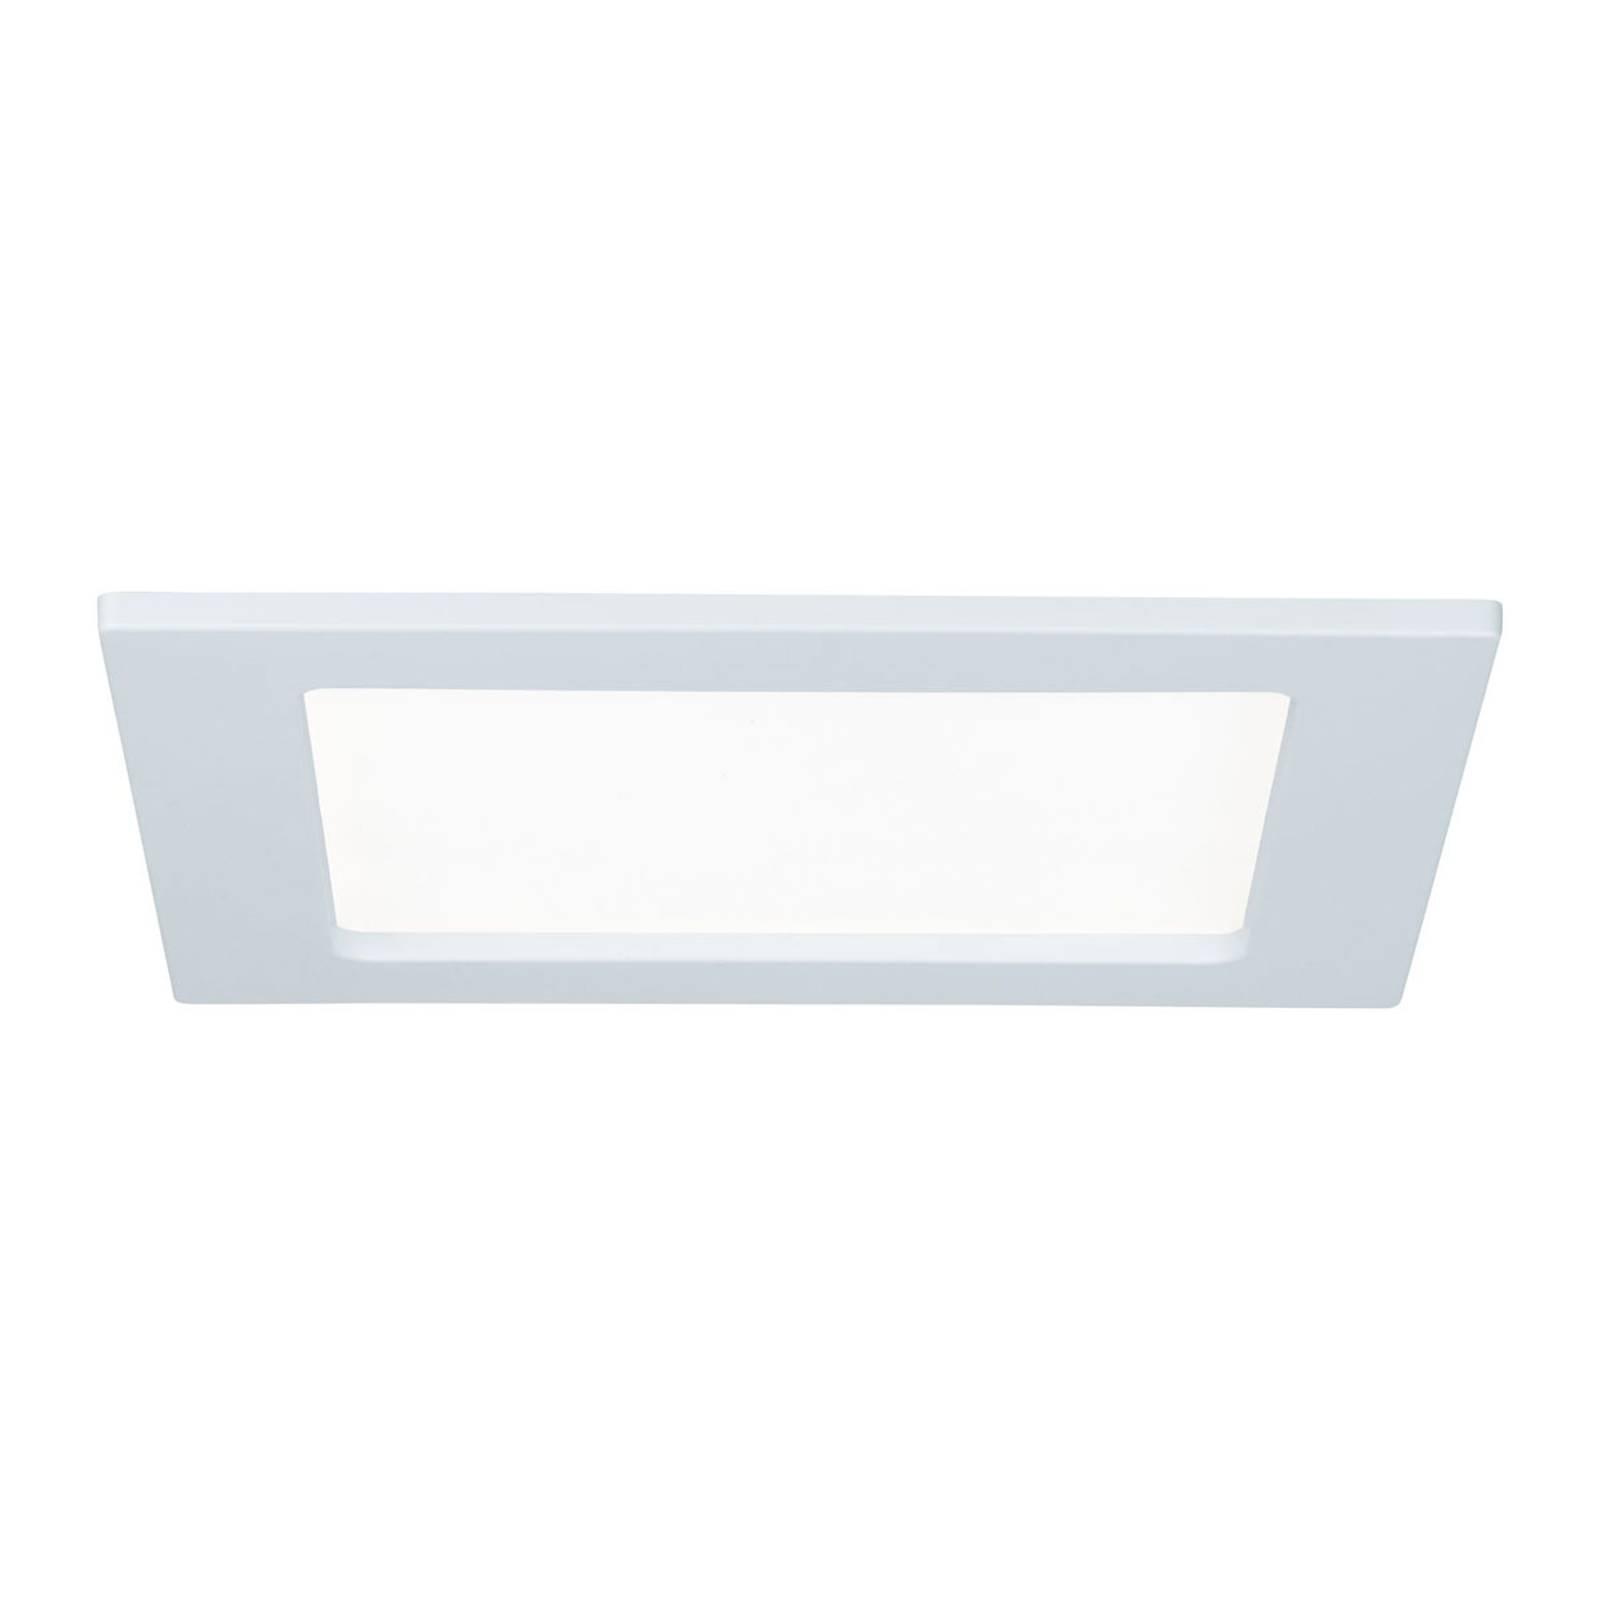 Paulmann LED-paneeli, 12 W, 4 000 K, valkoinen